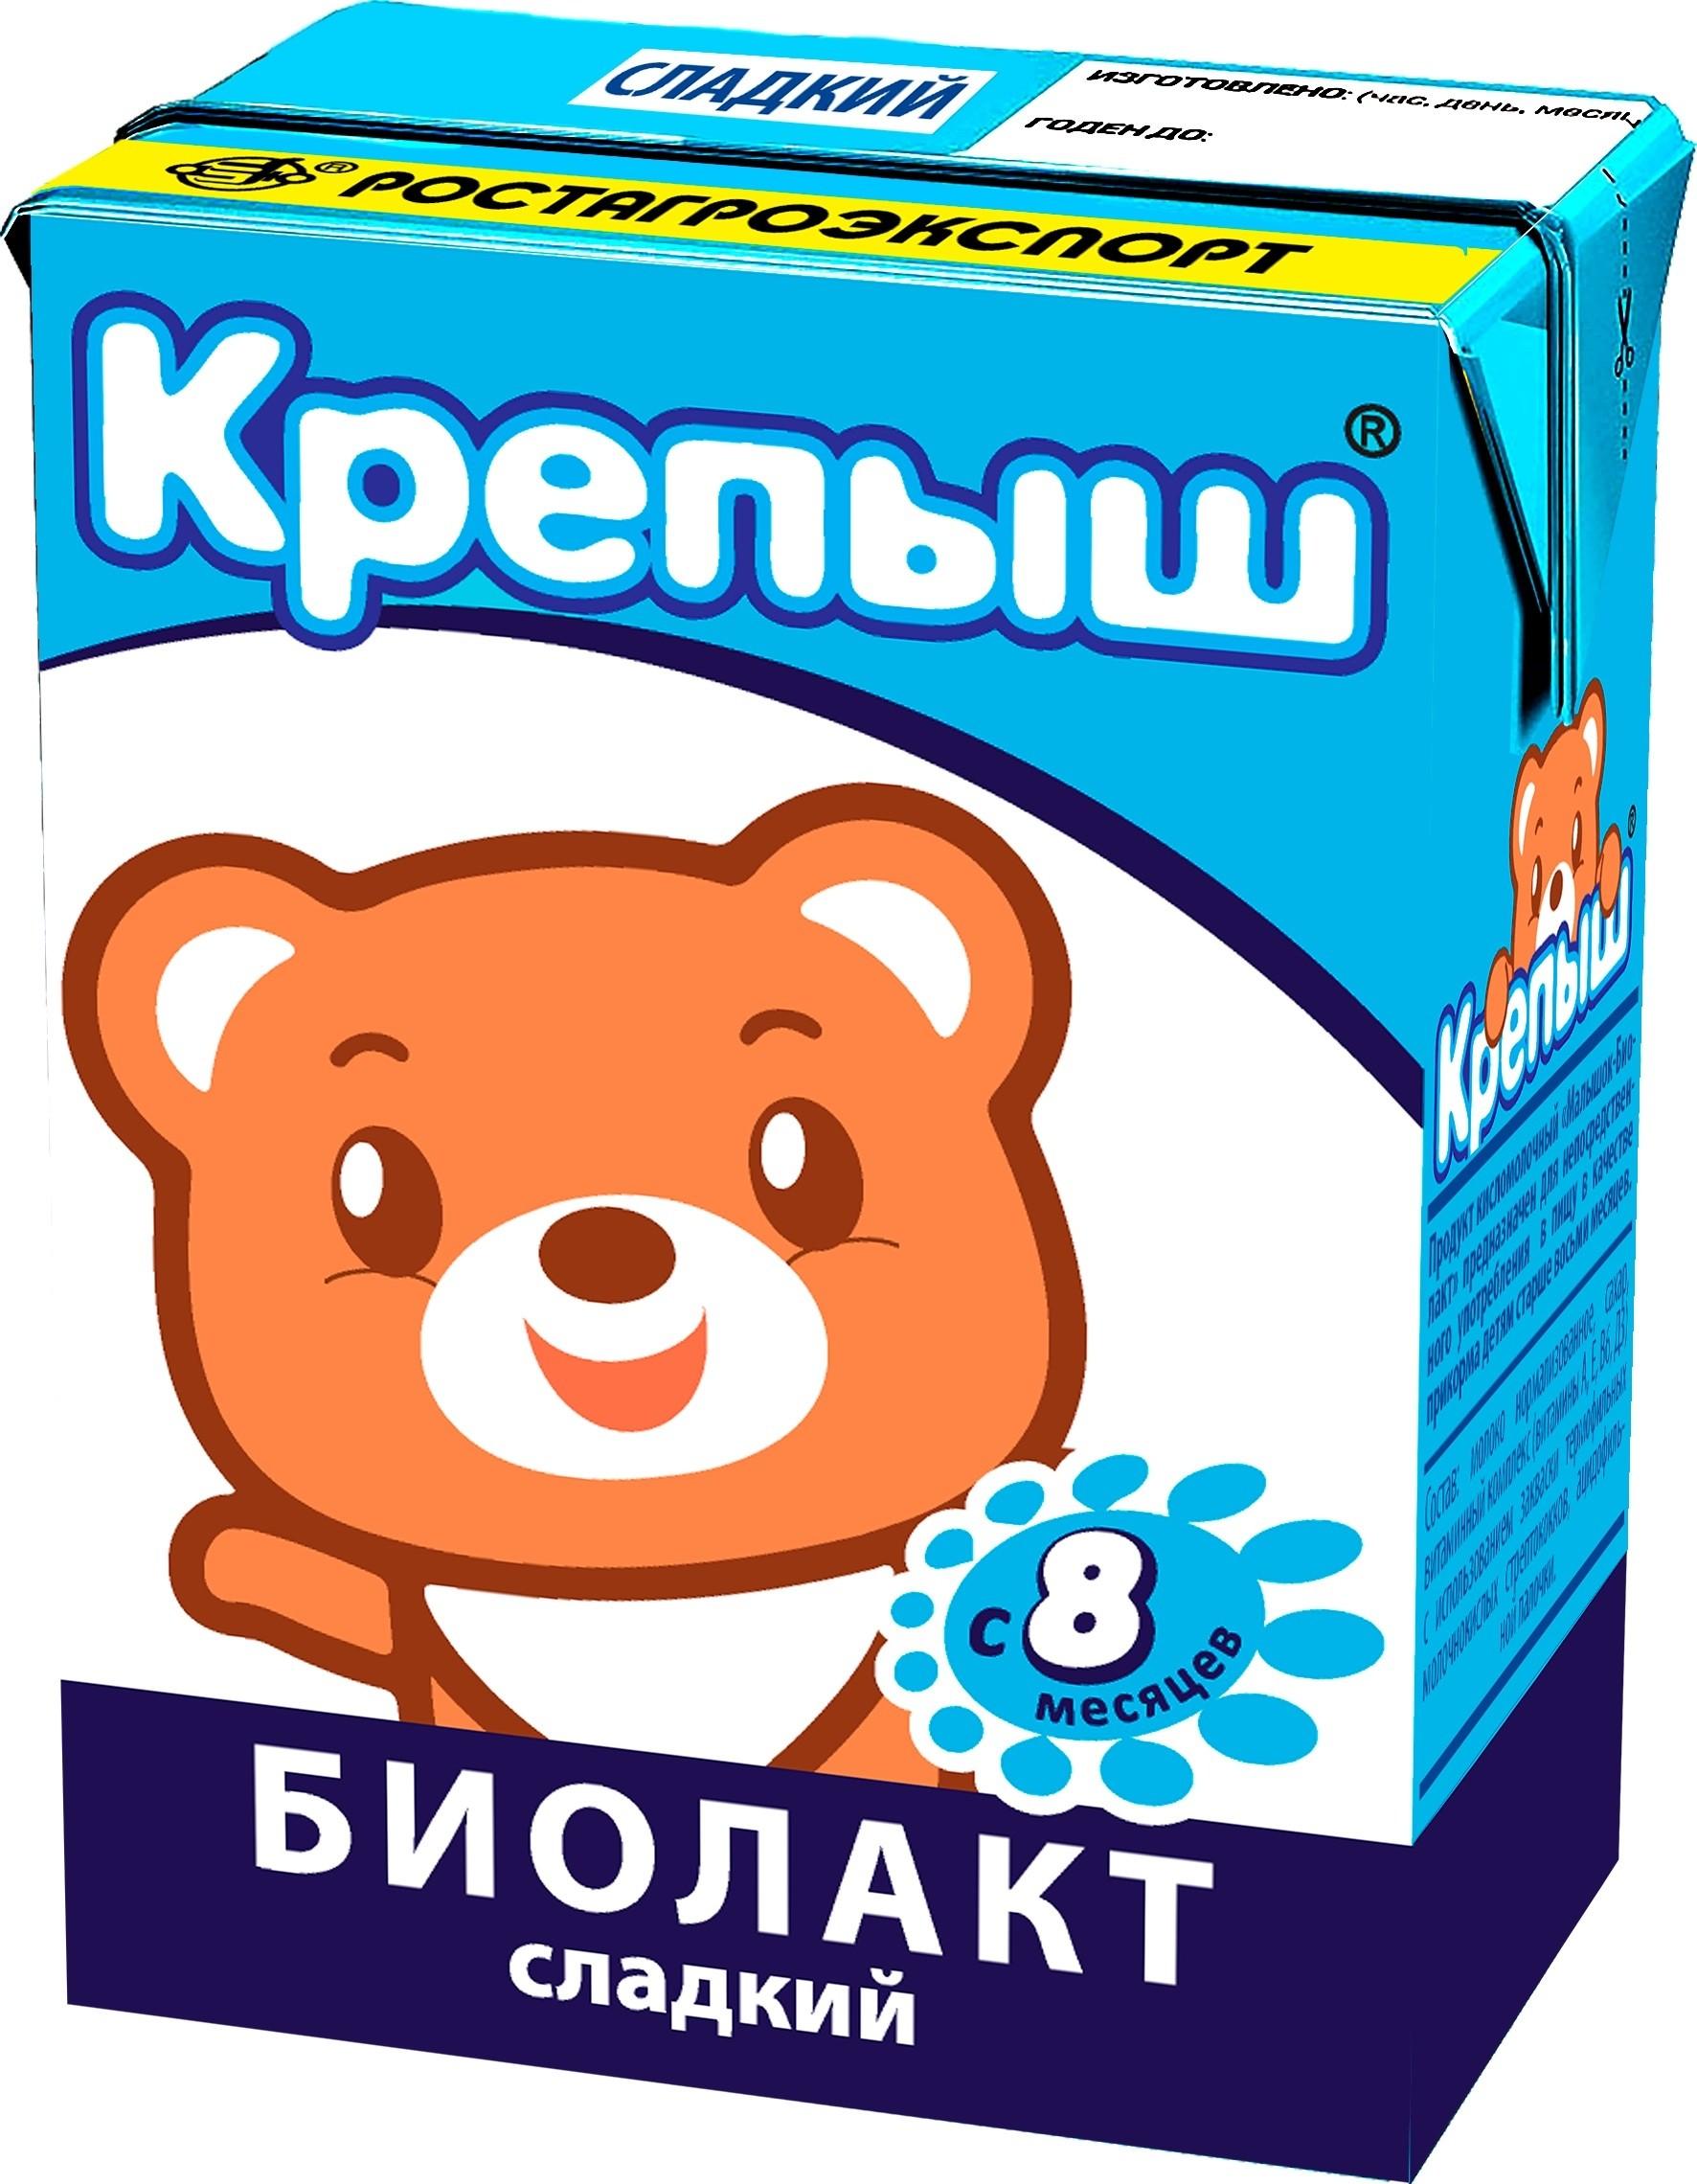 Молочная продукция Крепыш Сладкий с 8 мес. 200 г. бифидокефир крепыш 3 2% с 8 мес 200 мл